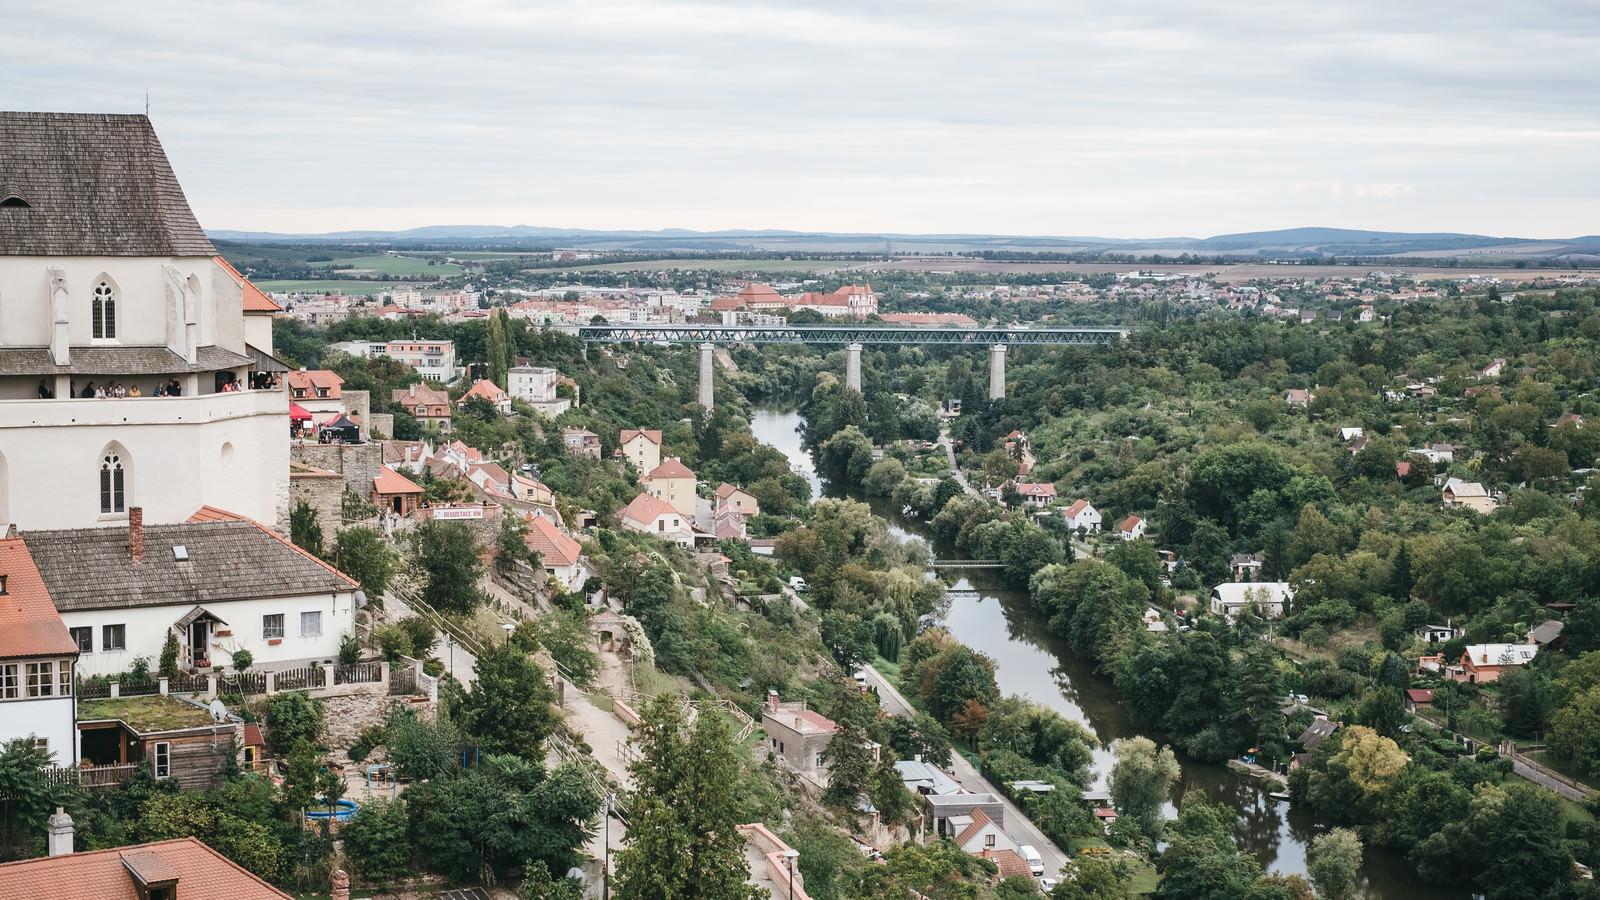 「ズノイモ市の町並みと鉄橋(チェコ共和国)」の写真